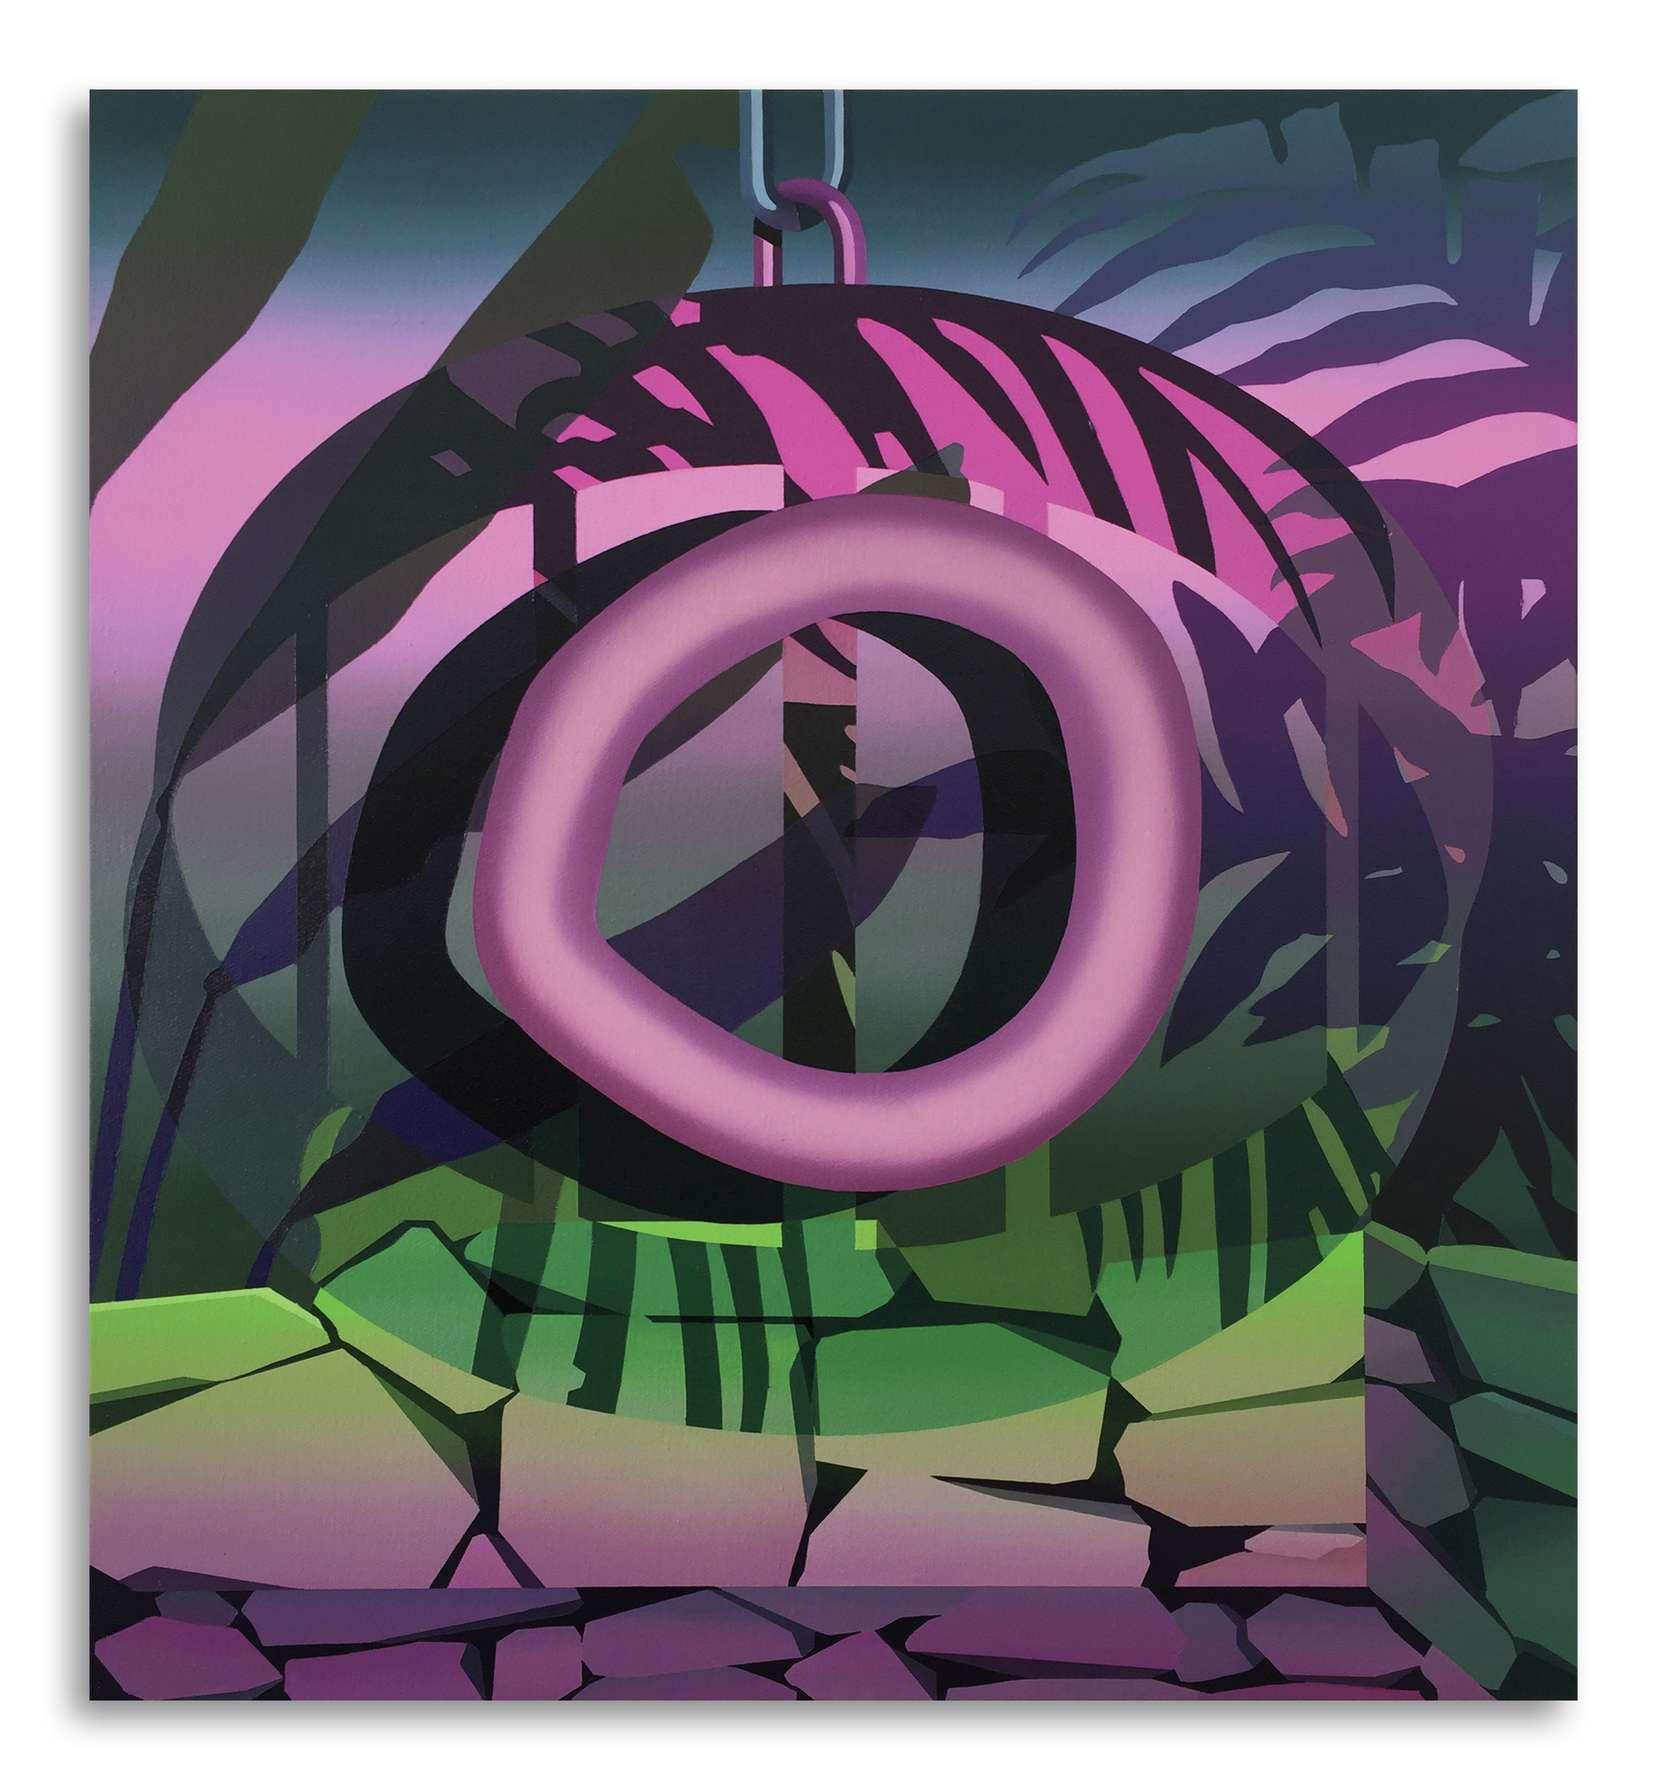 Amélie Bertrand, The Watcher II, 2019 Huile sur toile65 x 60 cm / 25 5/8 x 23 5/8 inches